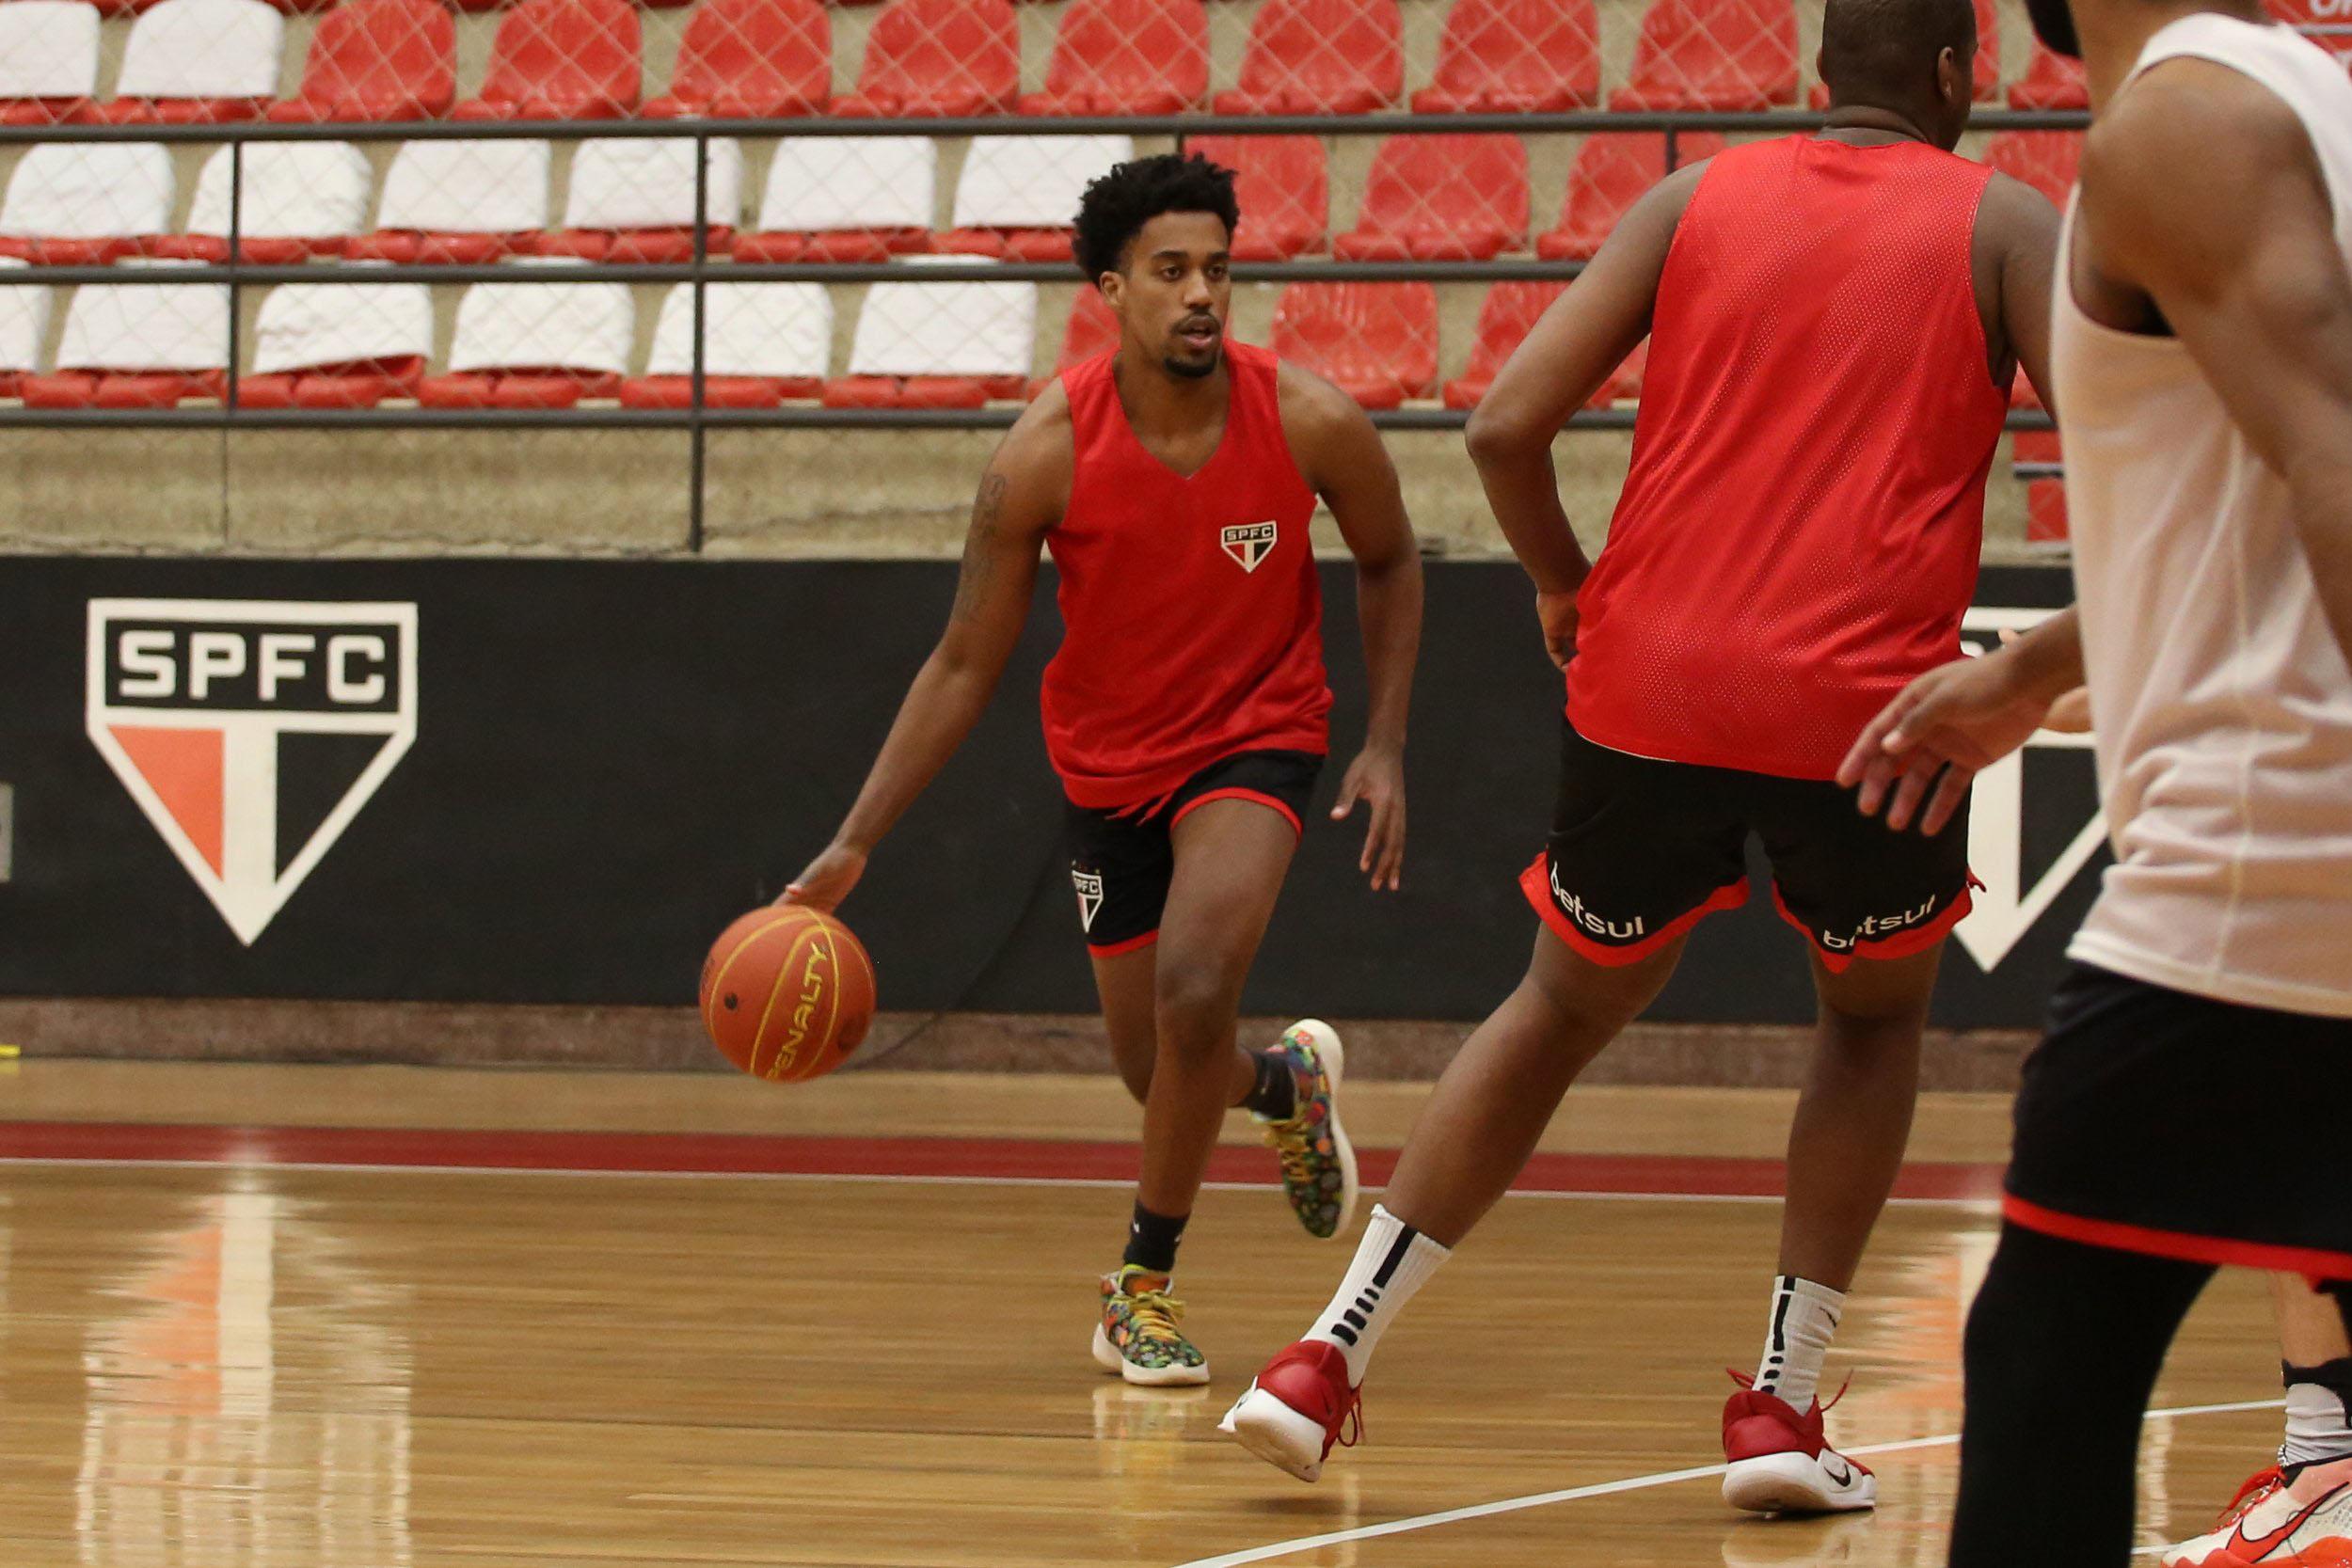 Equipe de basquete do São Paulo estreia na LDB nesta sexta-feira